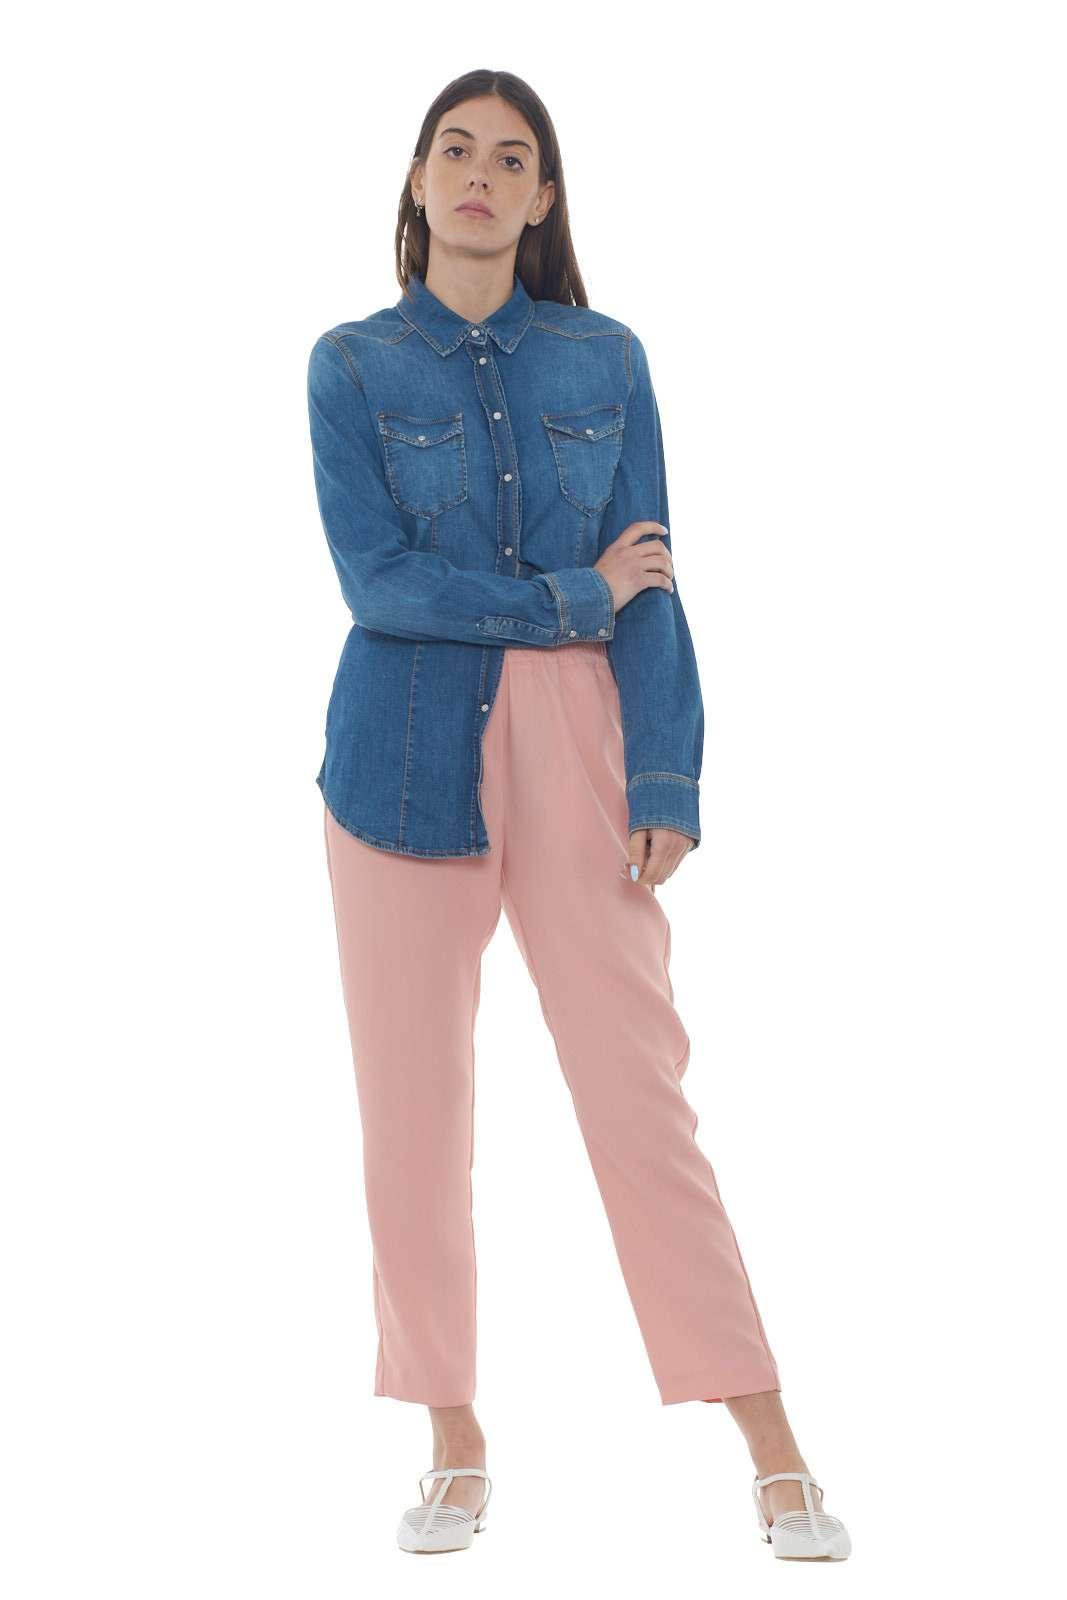 https://www.parmax.com/media/catalog/product/a/i/PE-outlet_parmax-camicia-donna-Liu-Jo-u67055-D.jpg